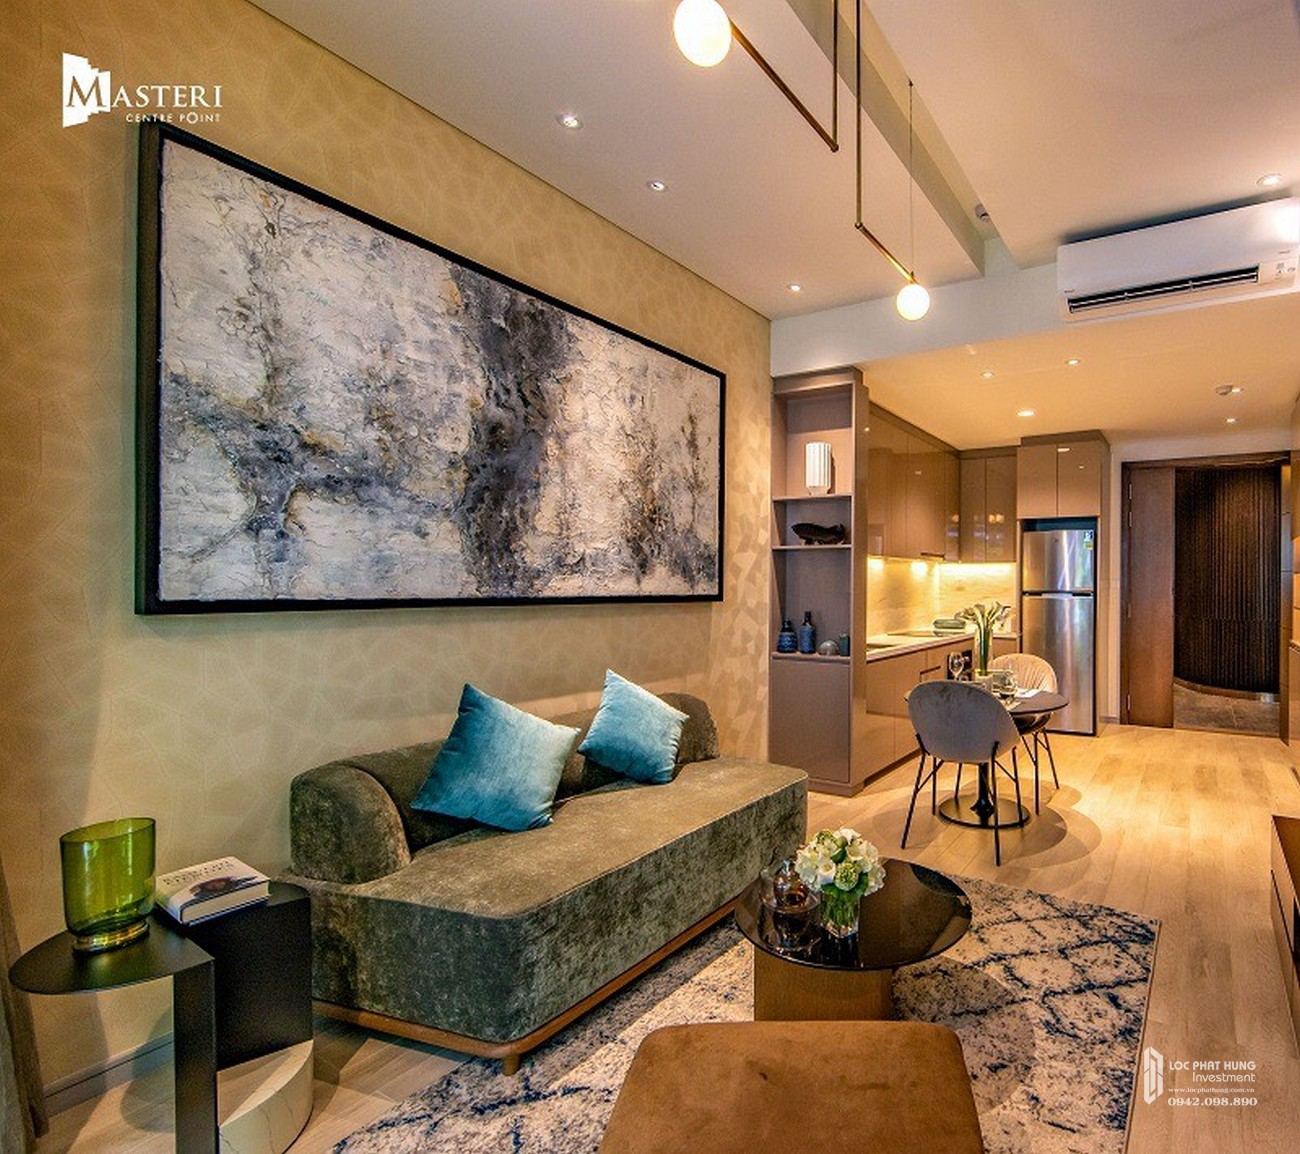 Nhà mẫu dự án căn hộ chung cư Masteri Centre Point Quận 9 Đường Nguyễn Xiển chủ đầu tư Vingroup